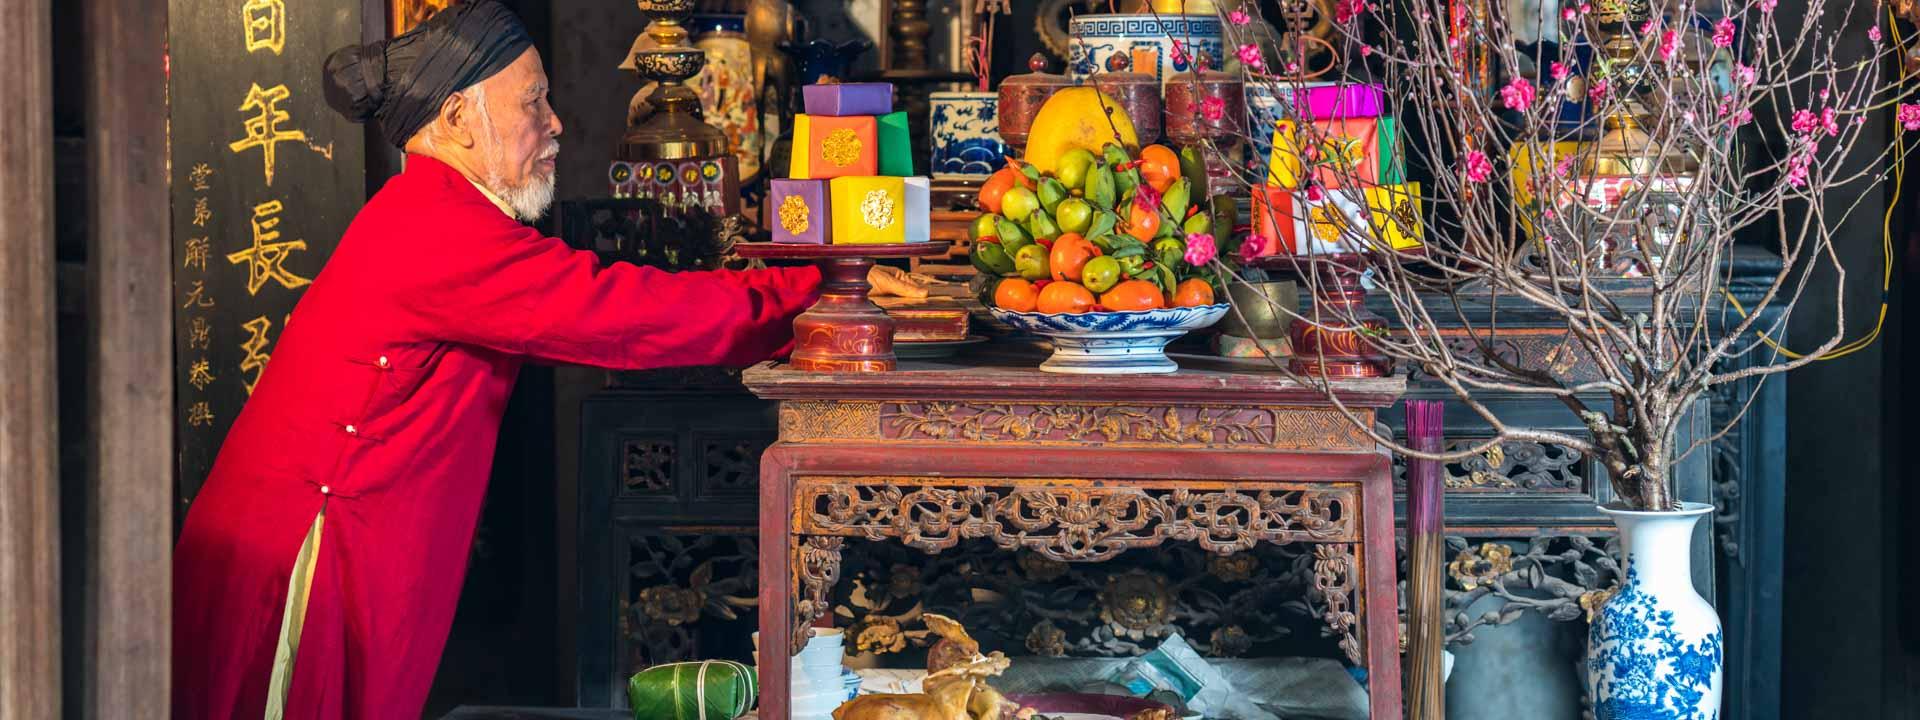 Free & Easy in Hanoi 4 days